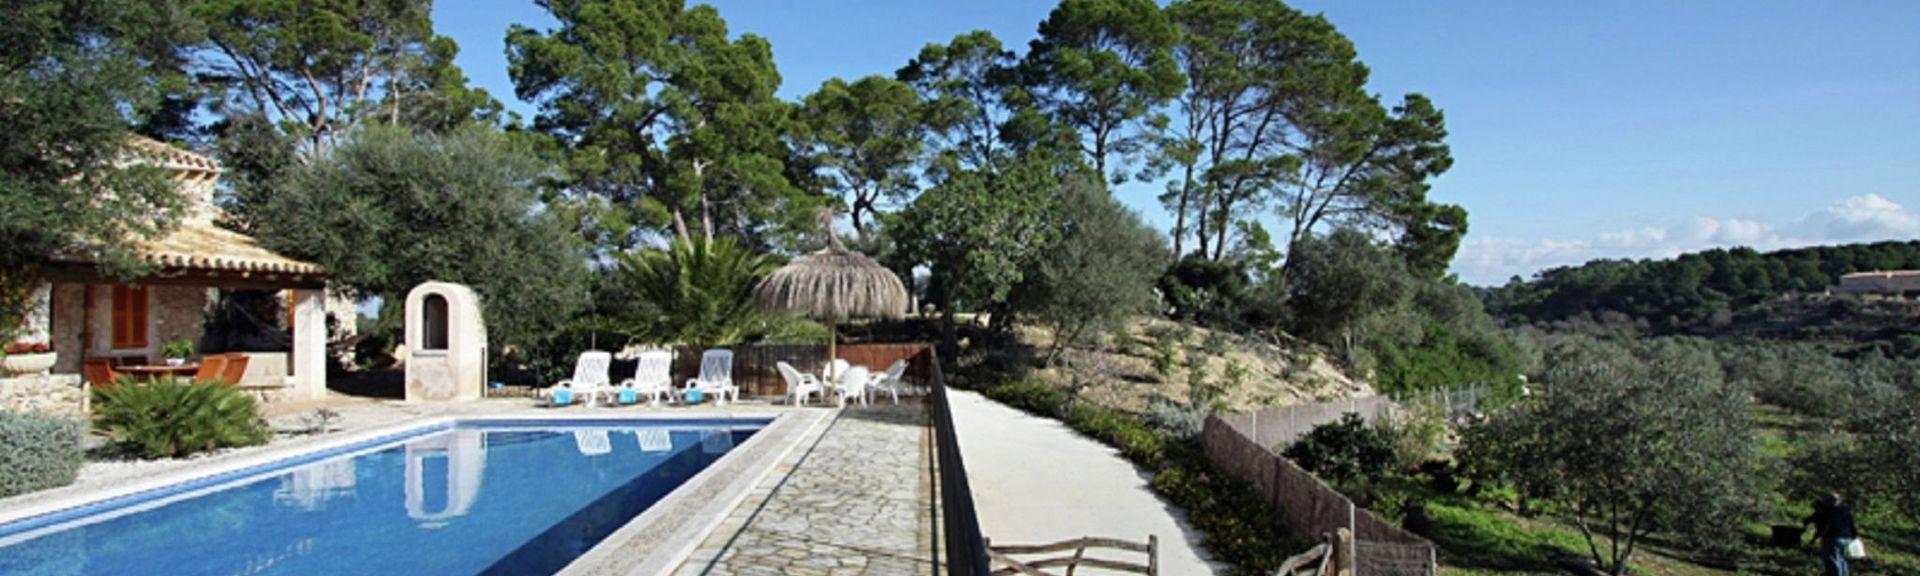 Migjorn, Baleariske Øer, Spanien